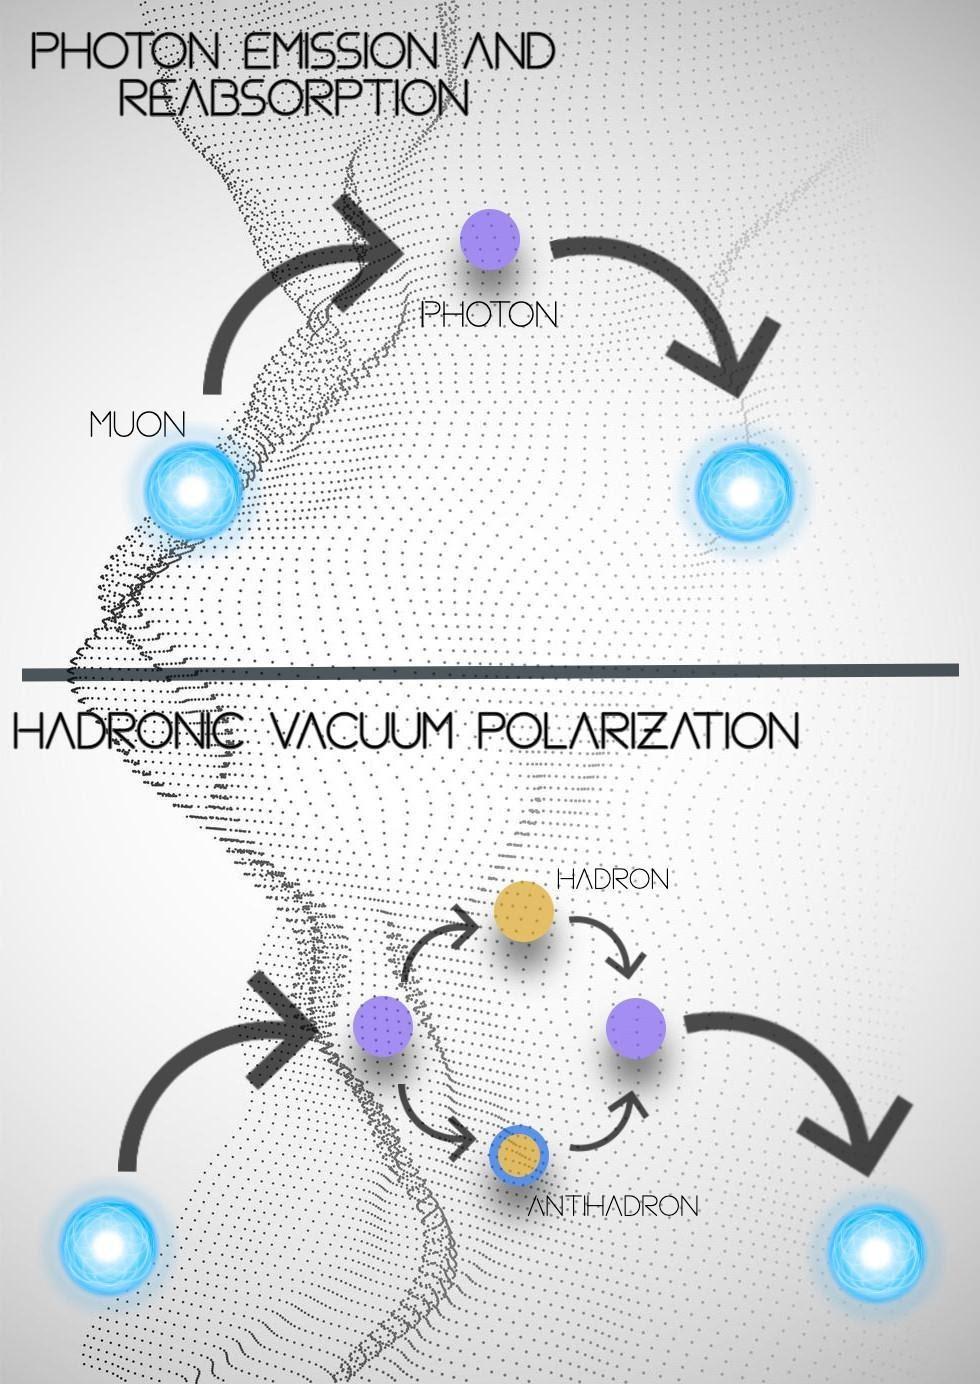 Испускание и поглощение фотона мюоном— наиболее распространённая возможность. Существует также вероятность временного превращения фотона в адрон и антиадрон, как показано в нижней половине